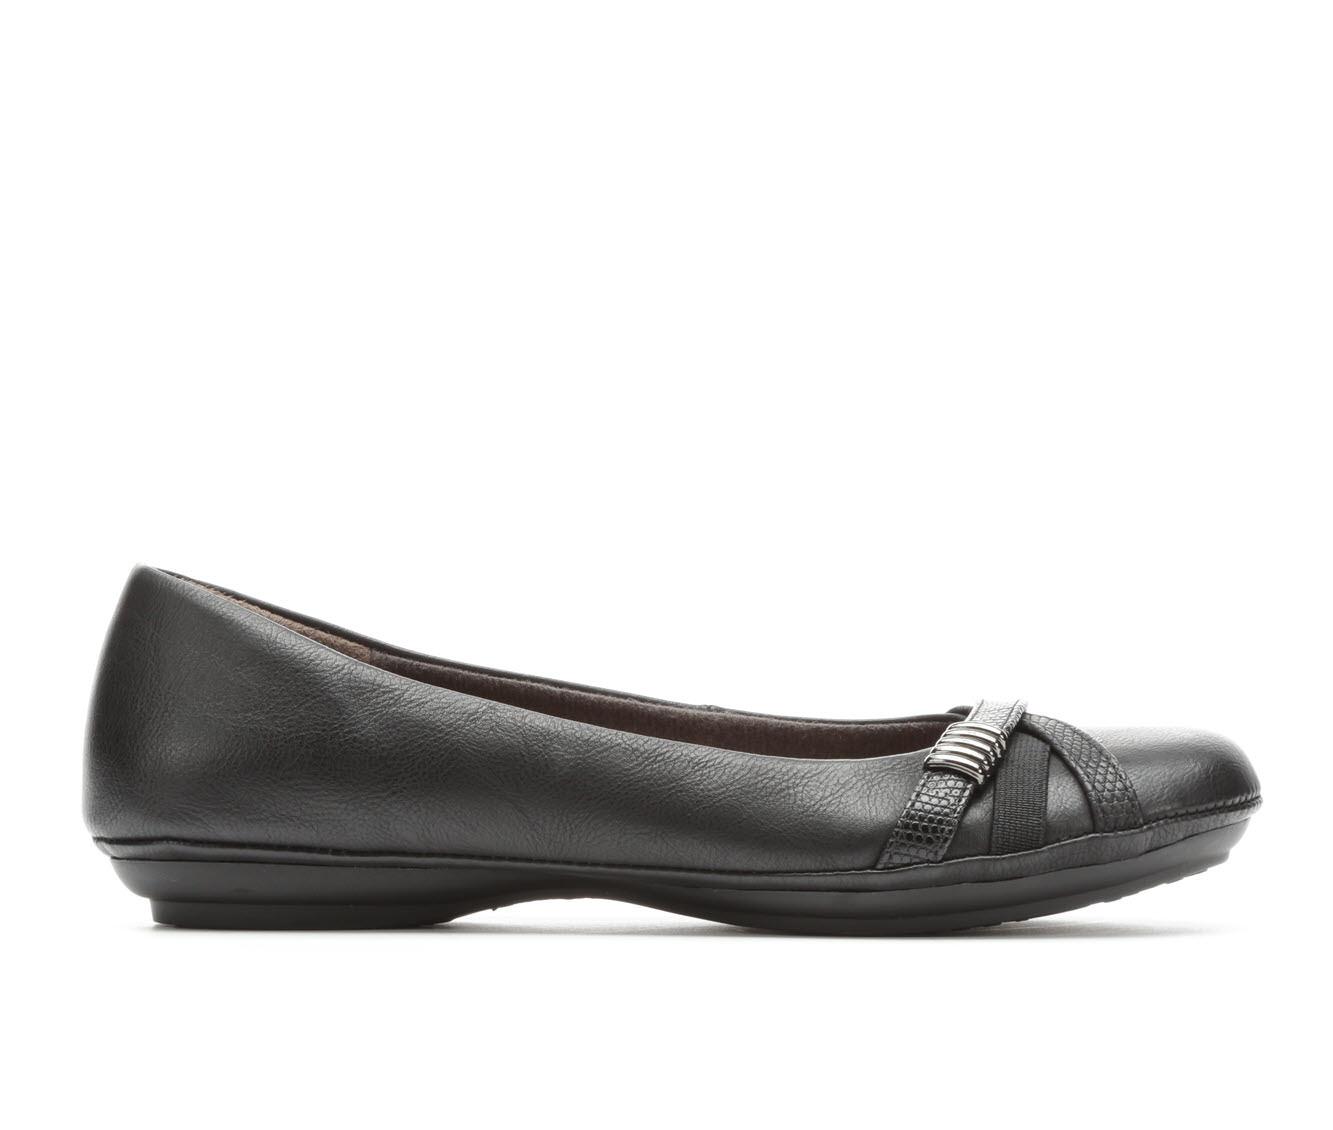 EuroSoft Shaina Women's Shoe (Black Faux Leather)